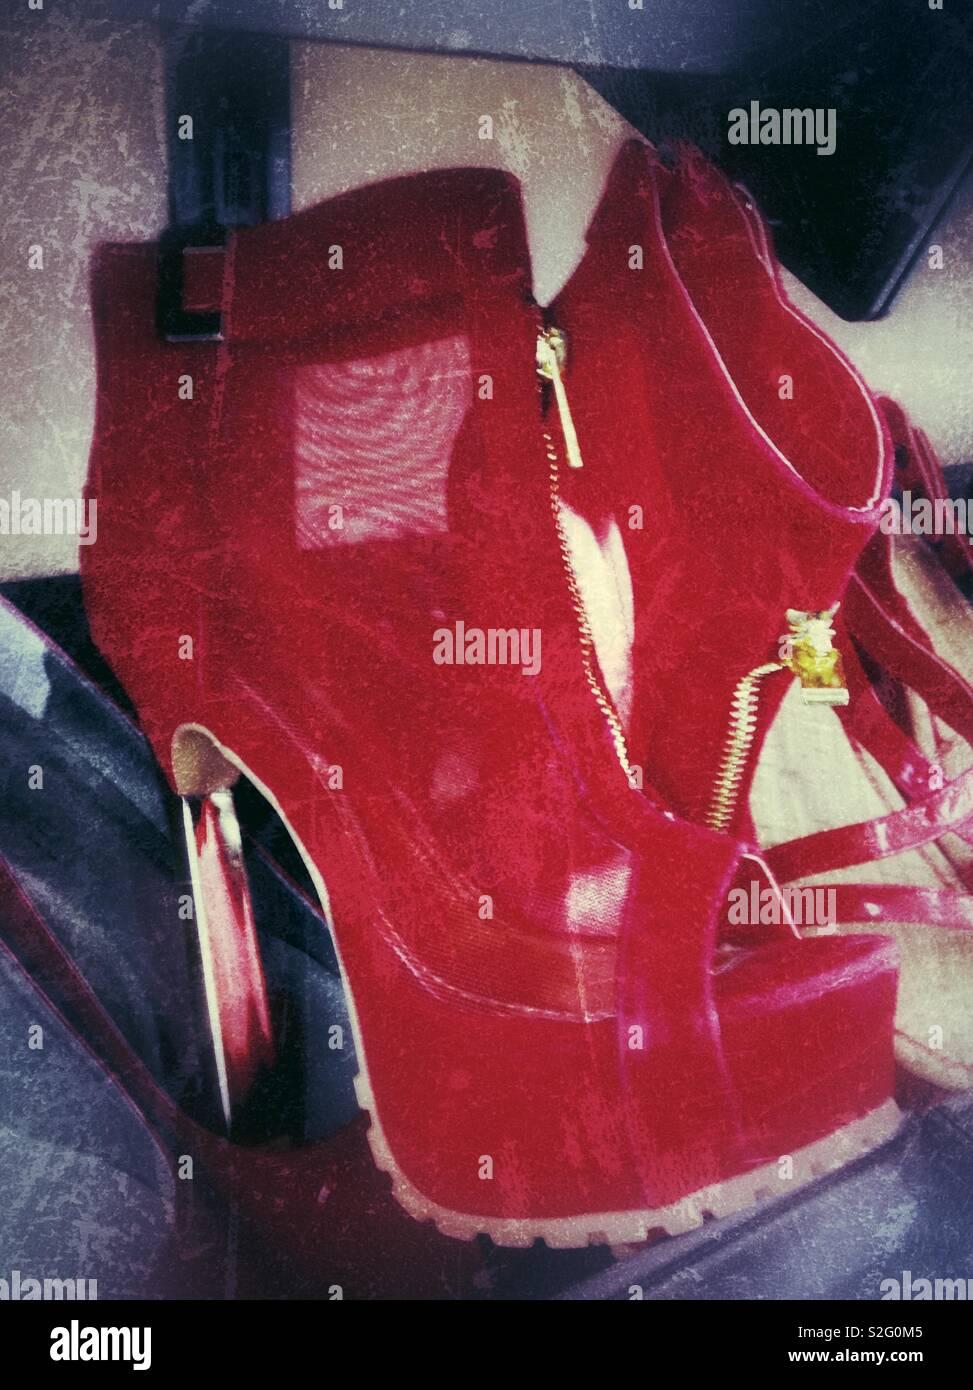 Efecto grunge en la foto de la malla roja con zapatos de tacón stiletto  guarnecido de 54608c4b3032